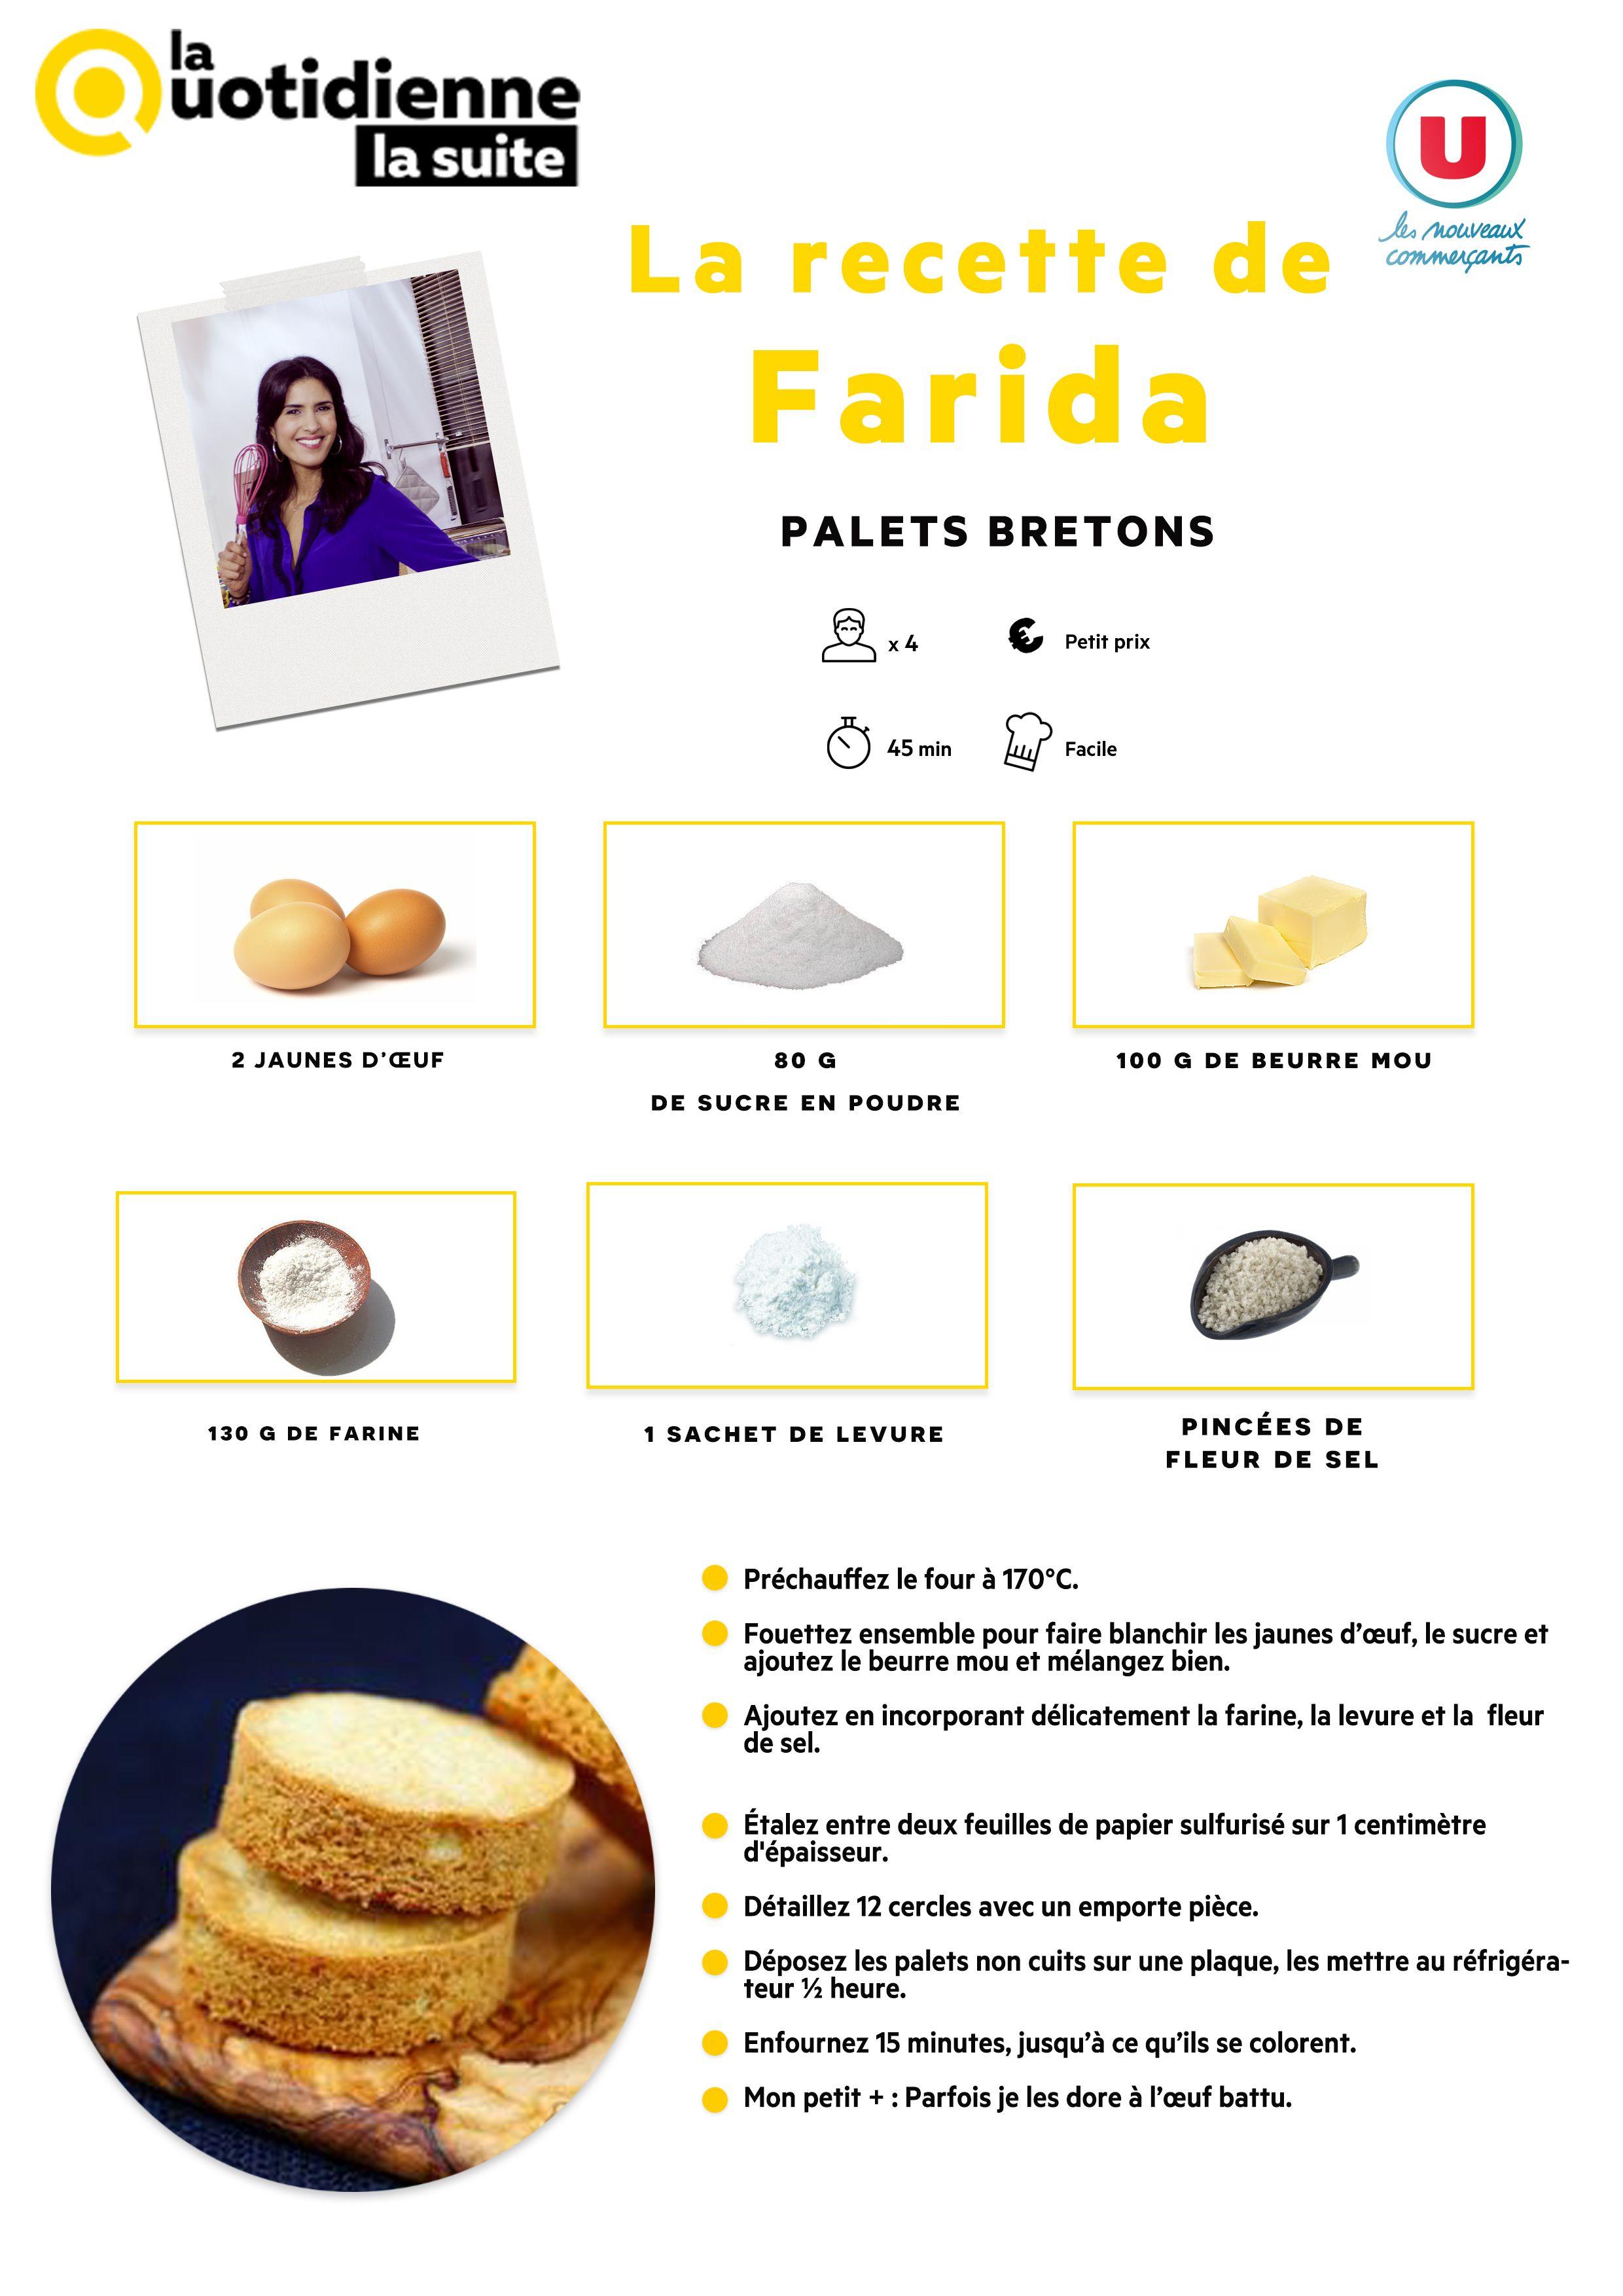 La quotidienne la suite la recette de farida palets bretons cuisine dessert pinterest - Recette cuisine quotidienne ...